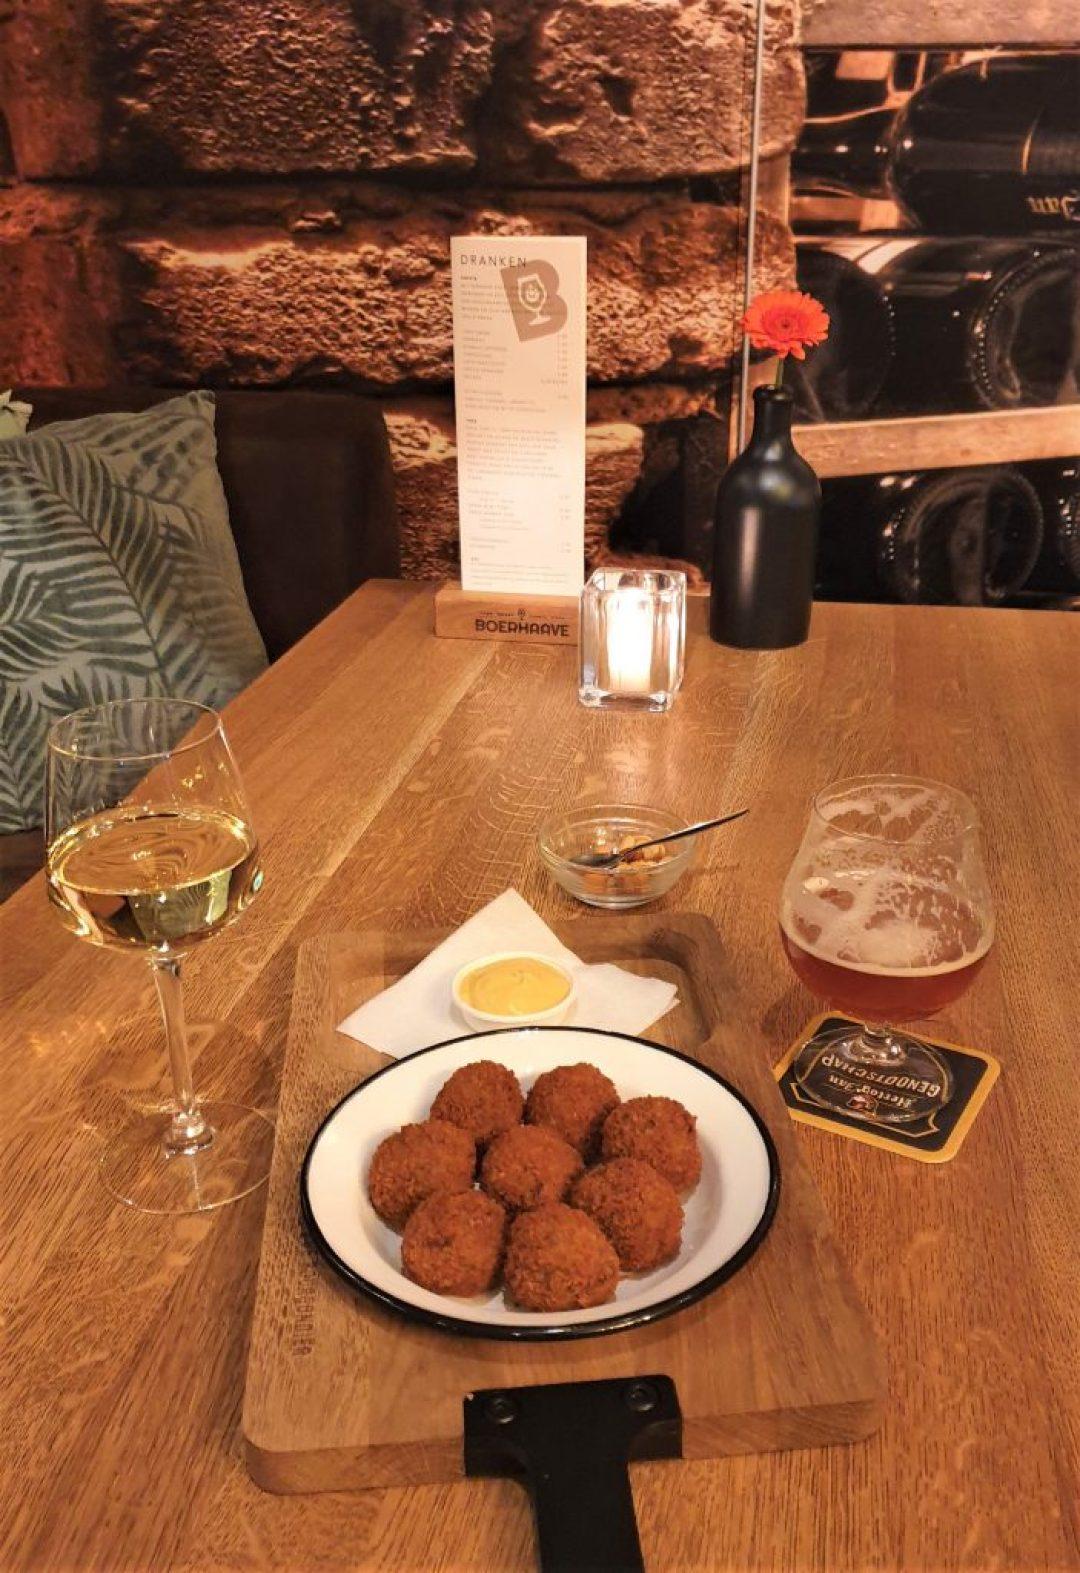 Boerhaave Voorhout wijn en bitterballen